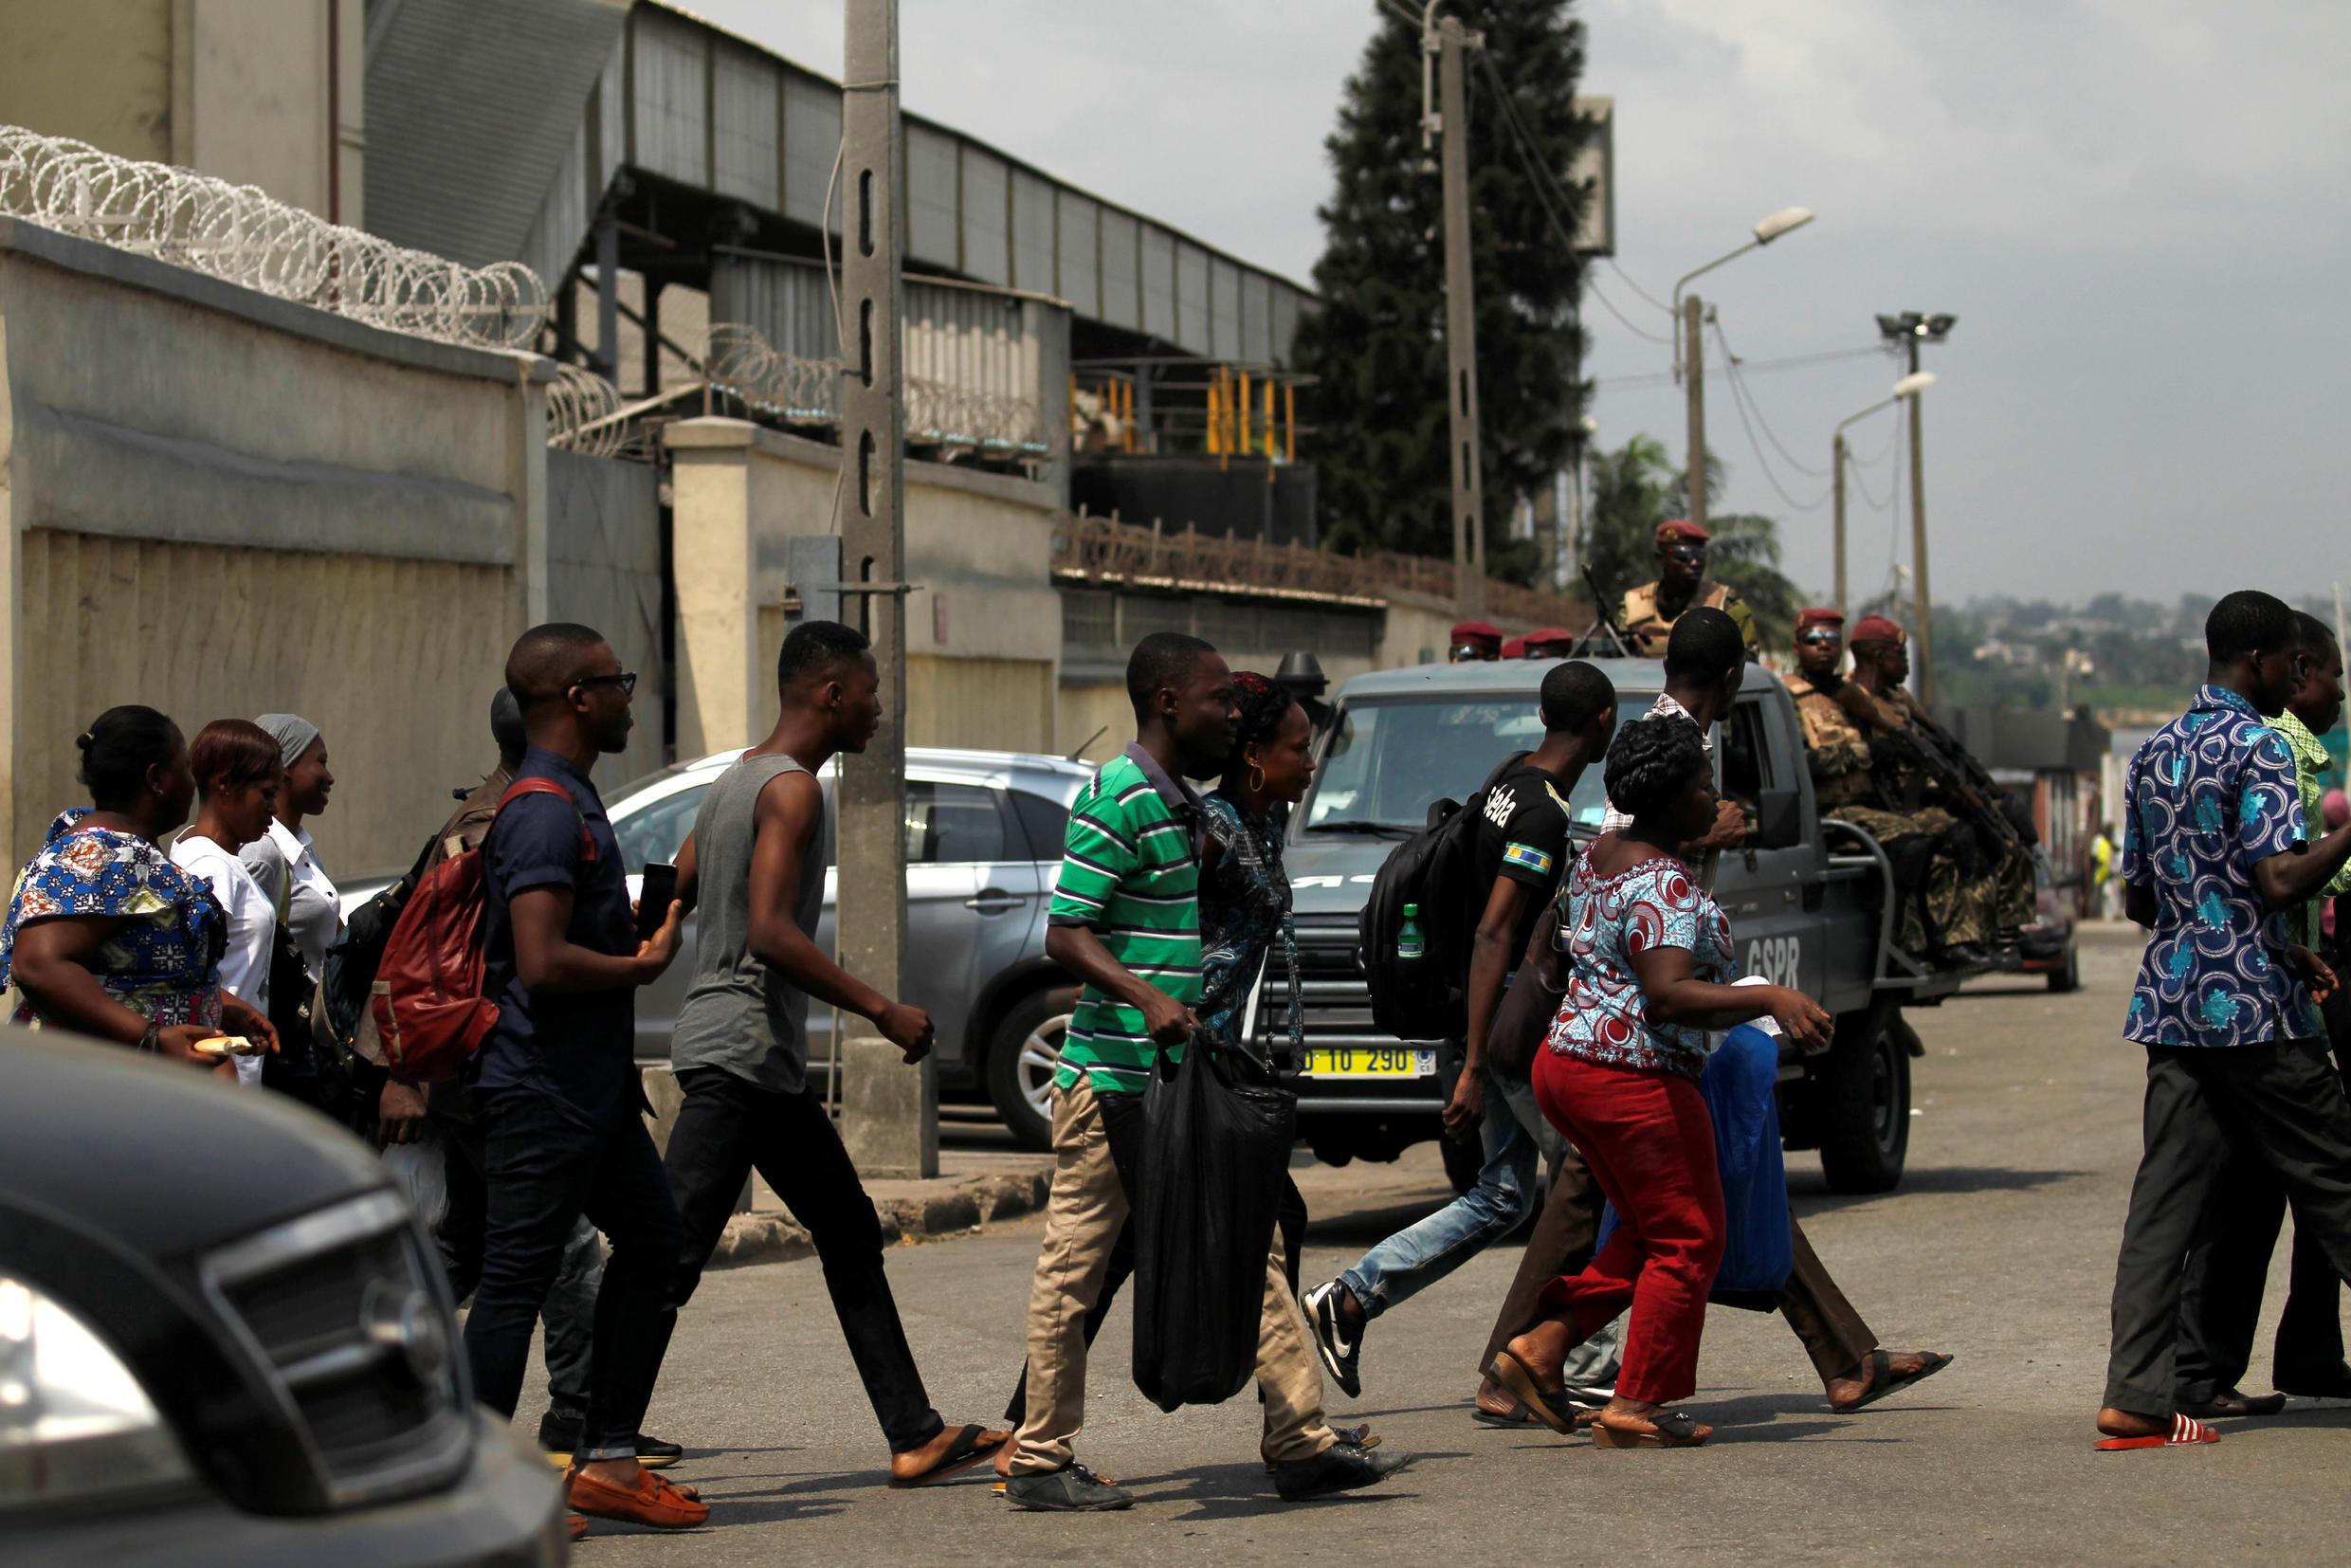 Des habitants fuient le port d'Abidjan après avoir entendu des coups de feu, le 18 janvier 2016.